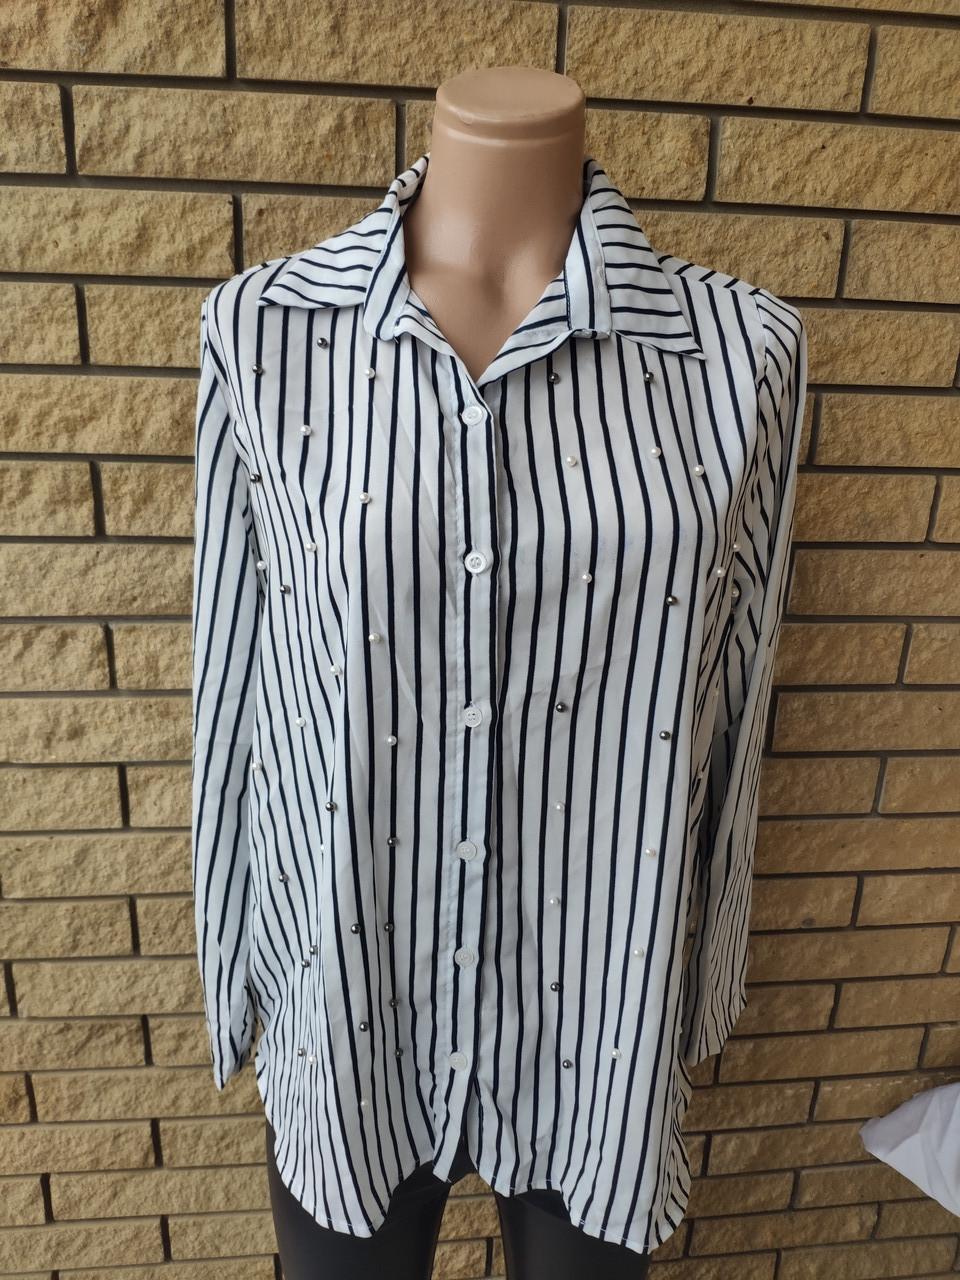 Пропонуємо великий асортимент жіночих сорочок в інтернет-магазині Гардероб